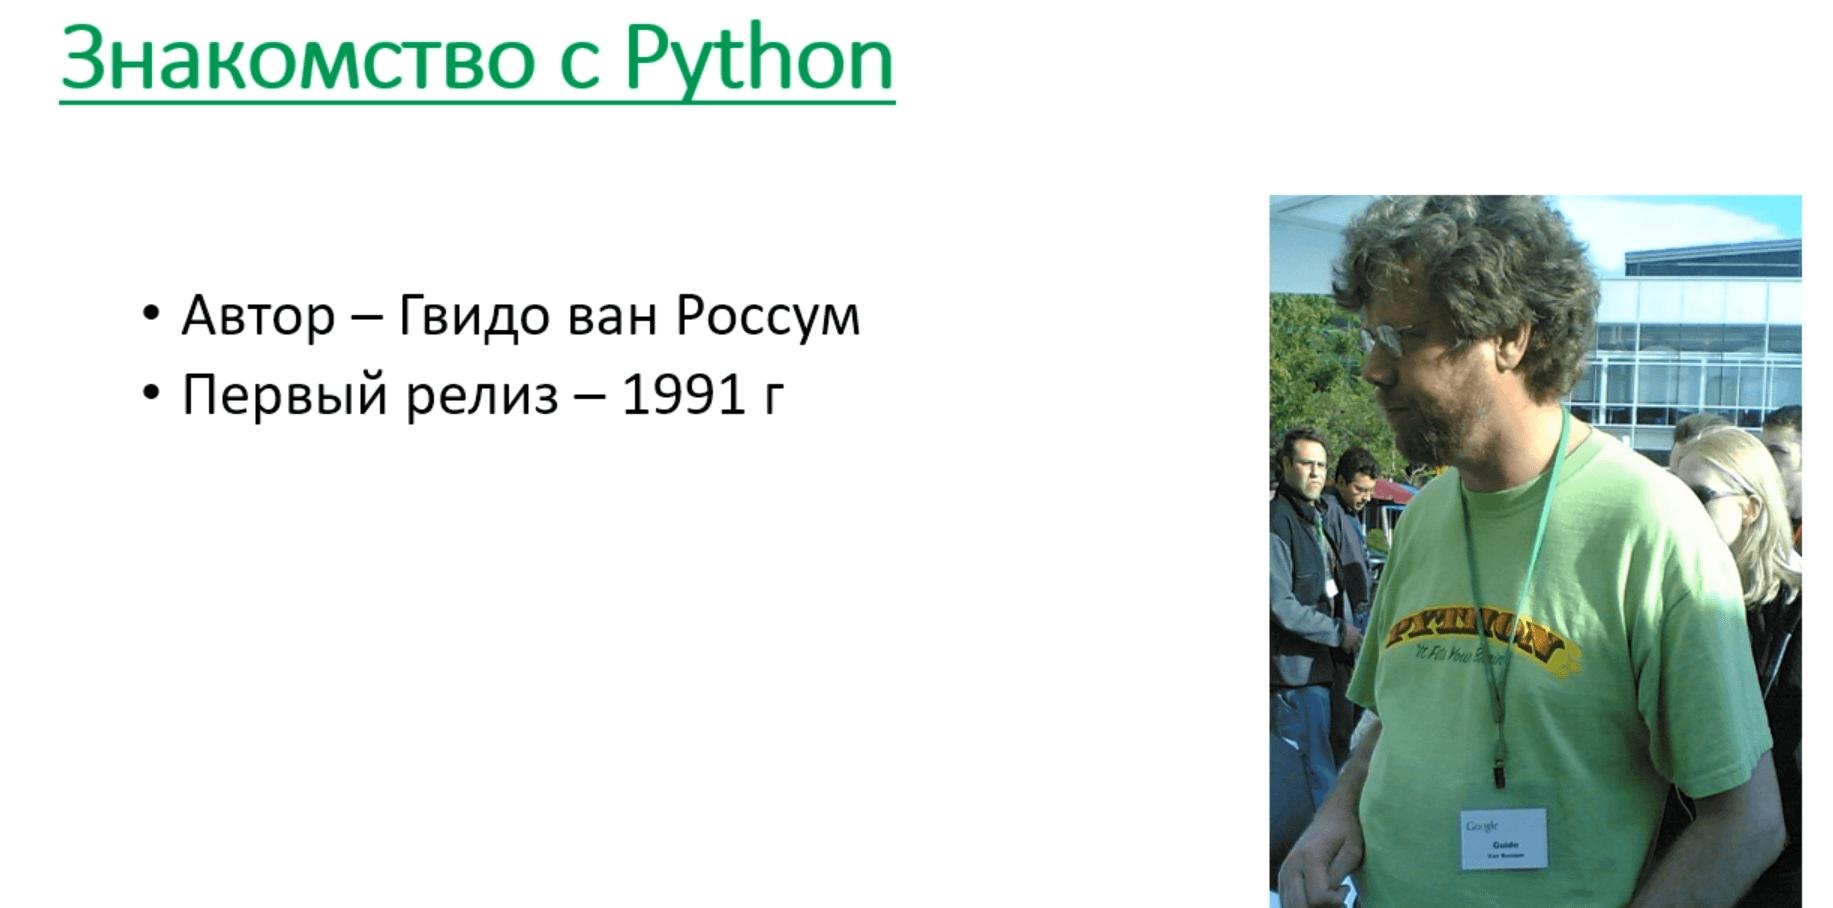 Основы программирования на Python 3